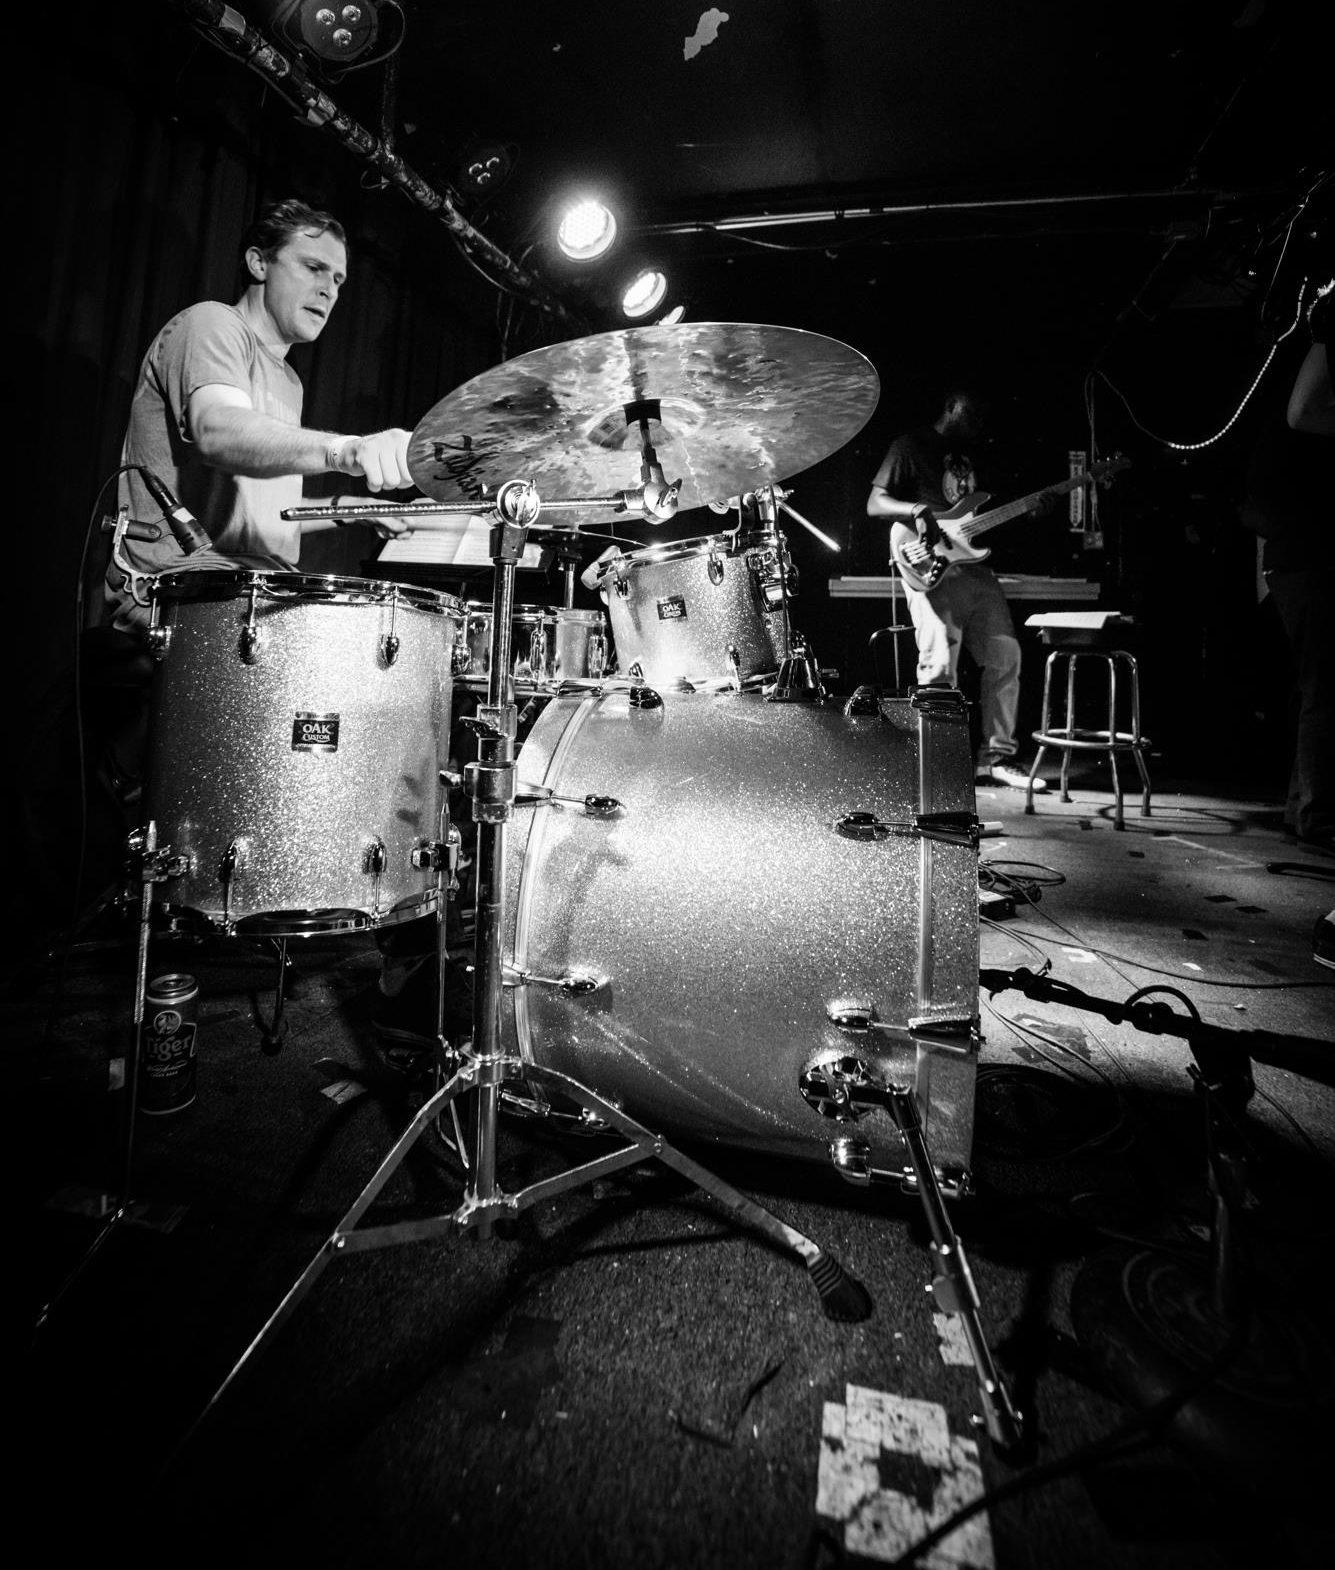 david agee drums chicago drum set